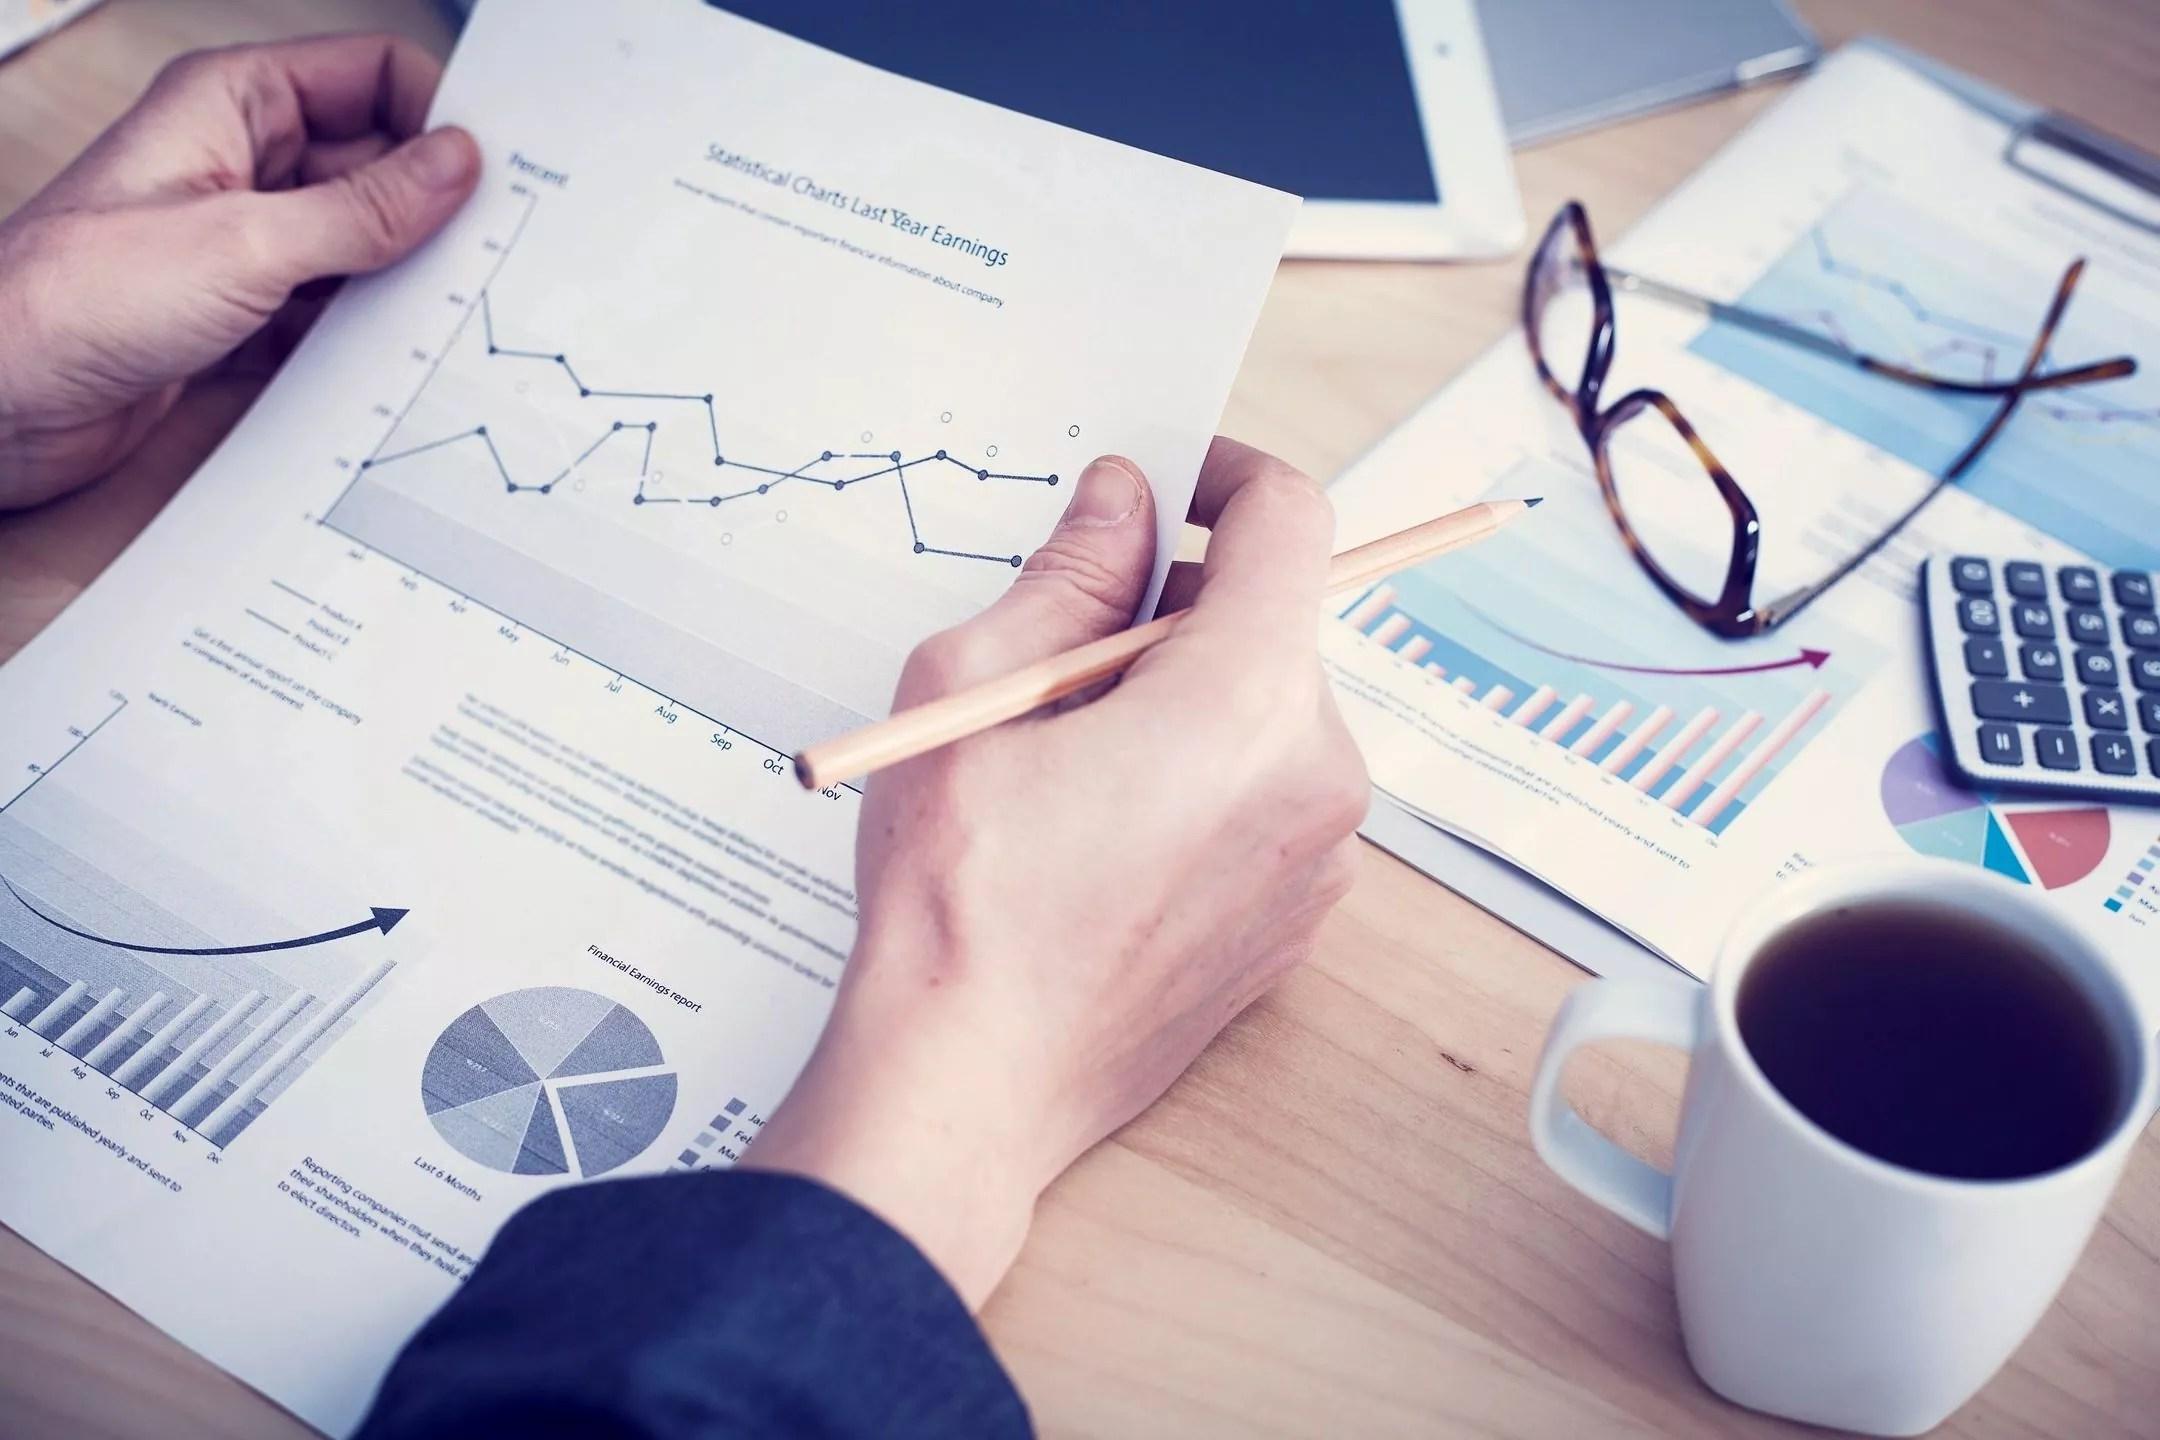 Financing: Debt vs Equity